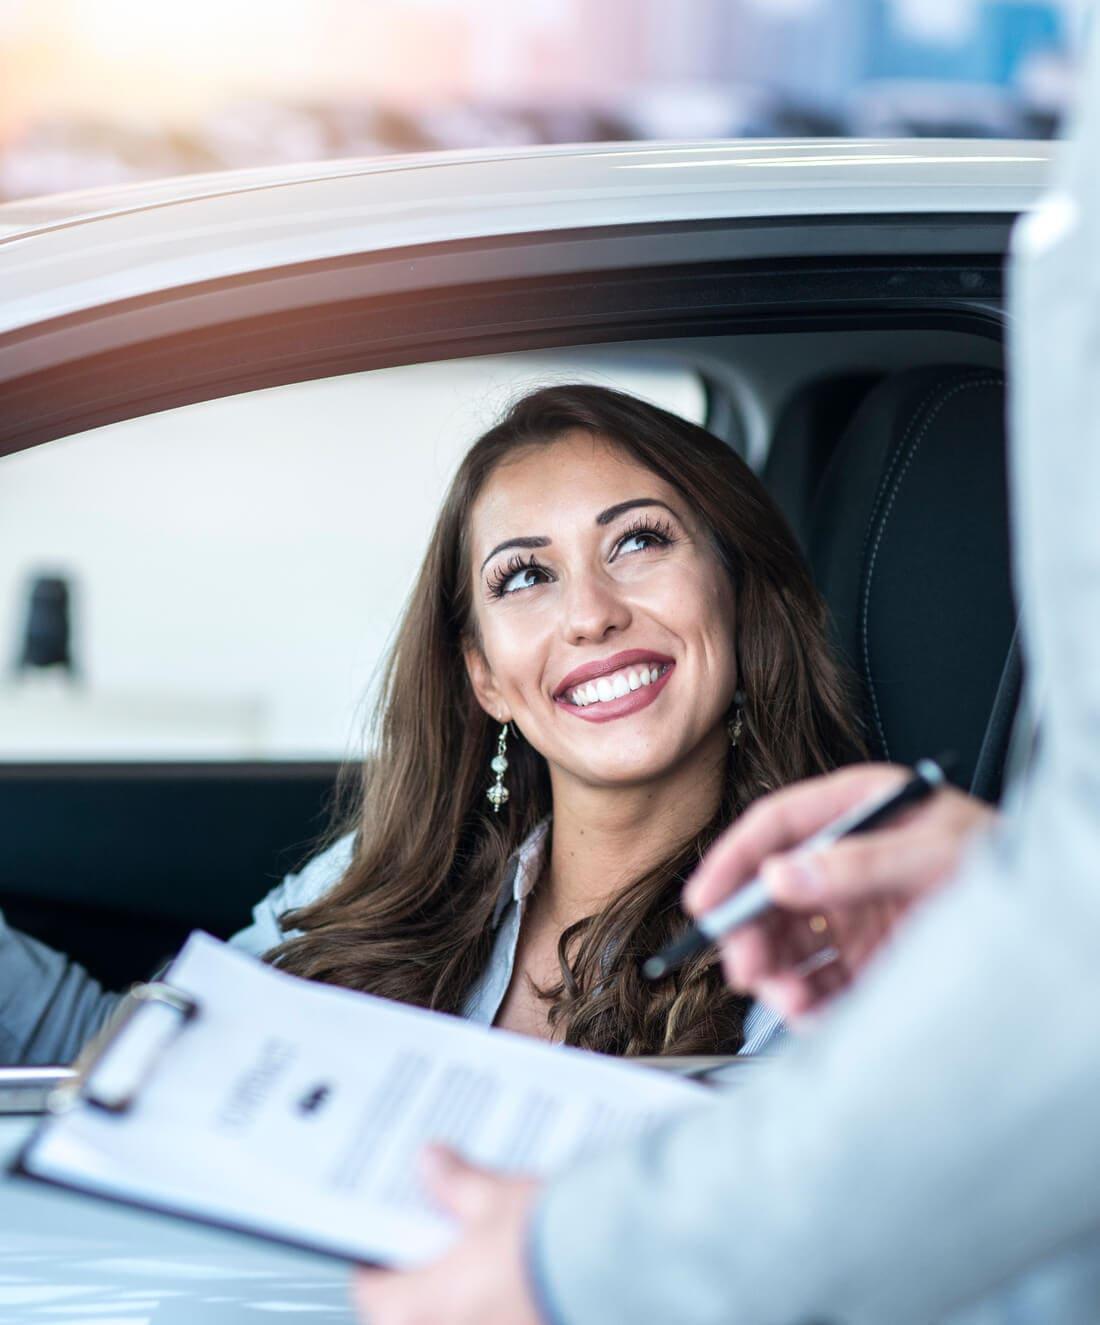 SEO продвижение сайта аренды автомобилей в Испании - кейс iPapus Agency